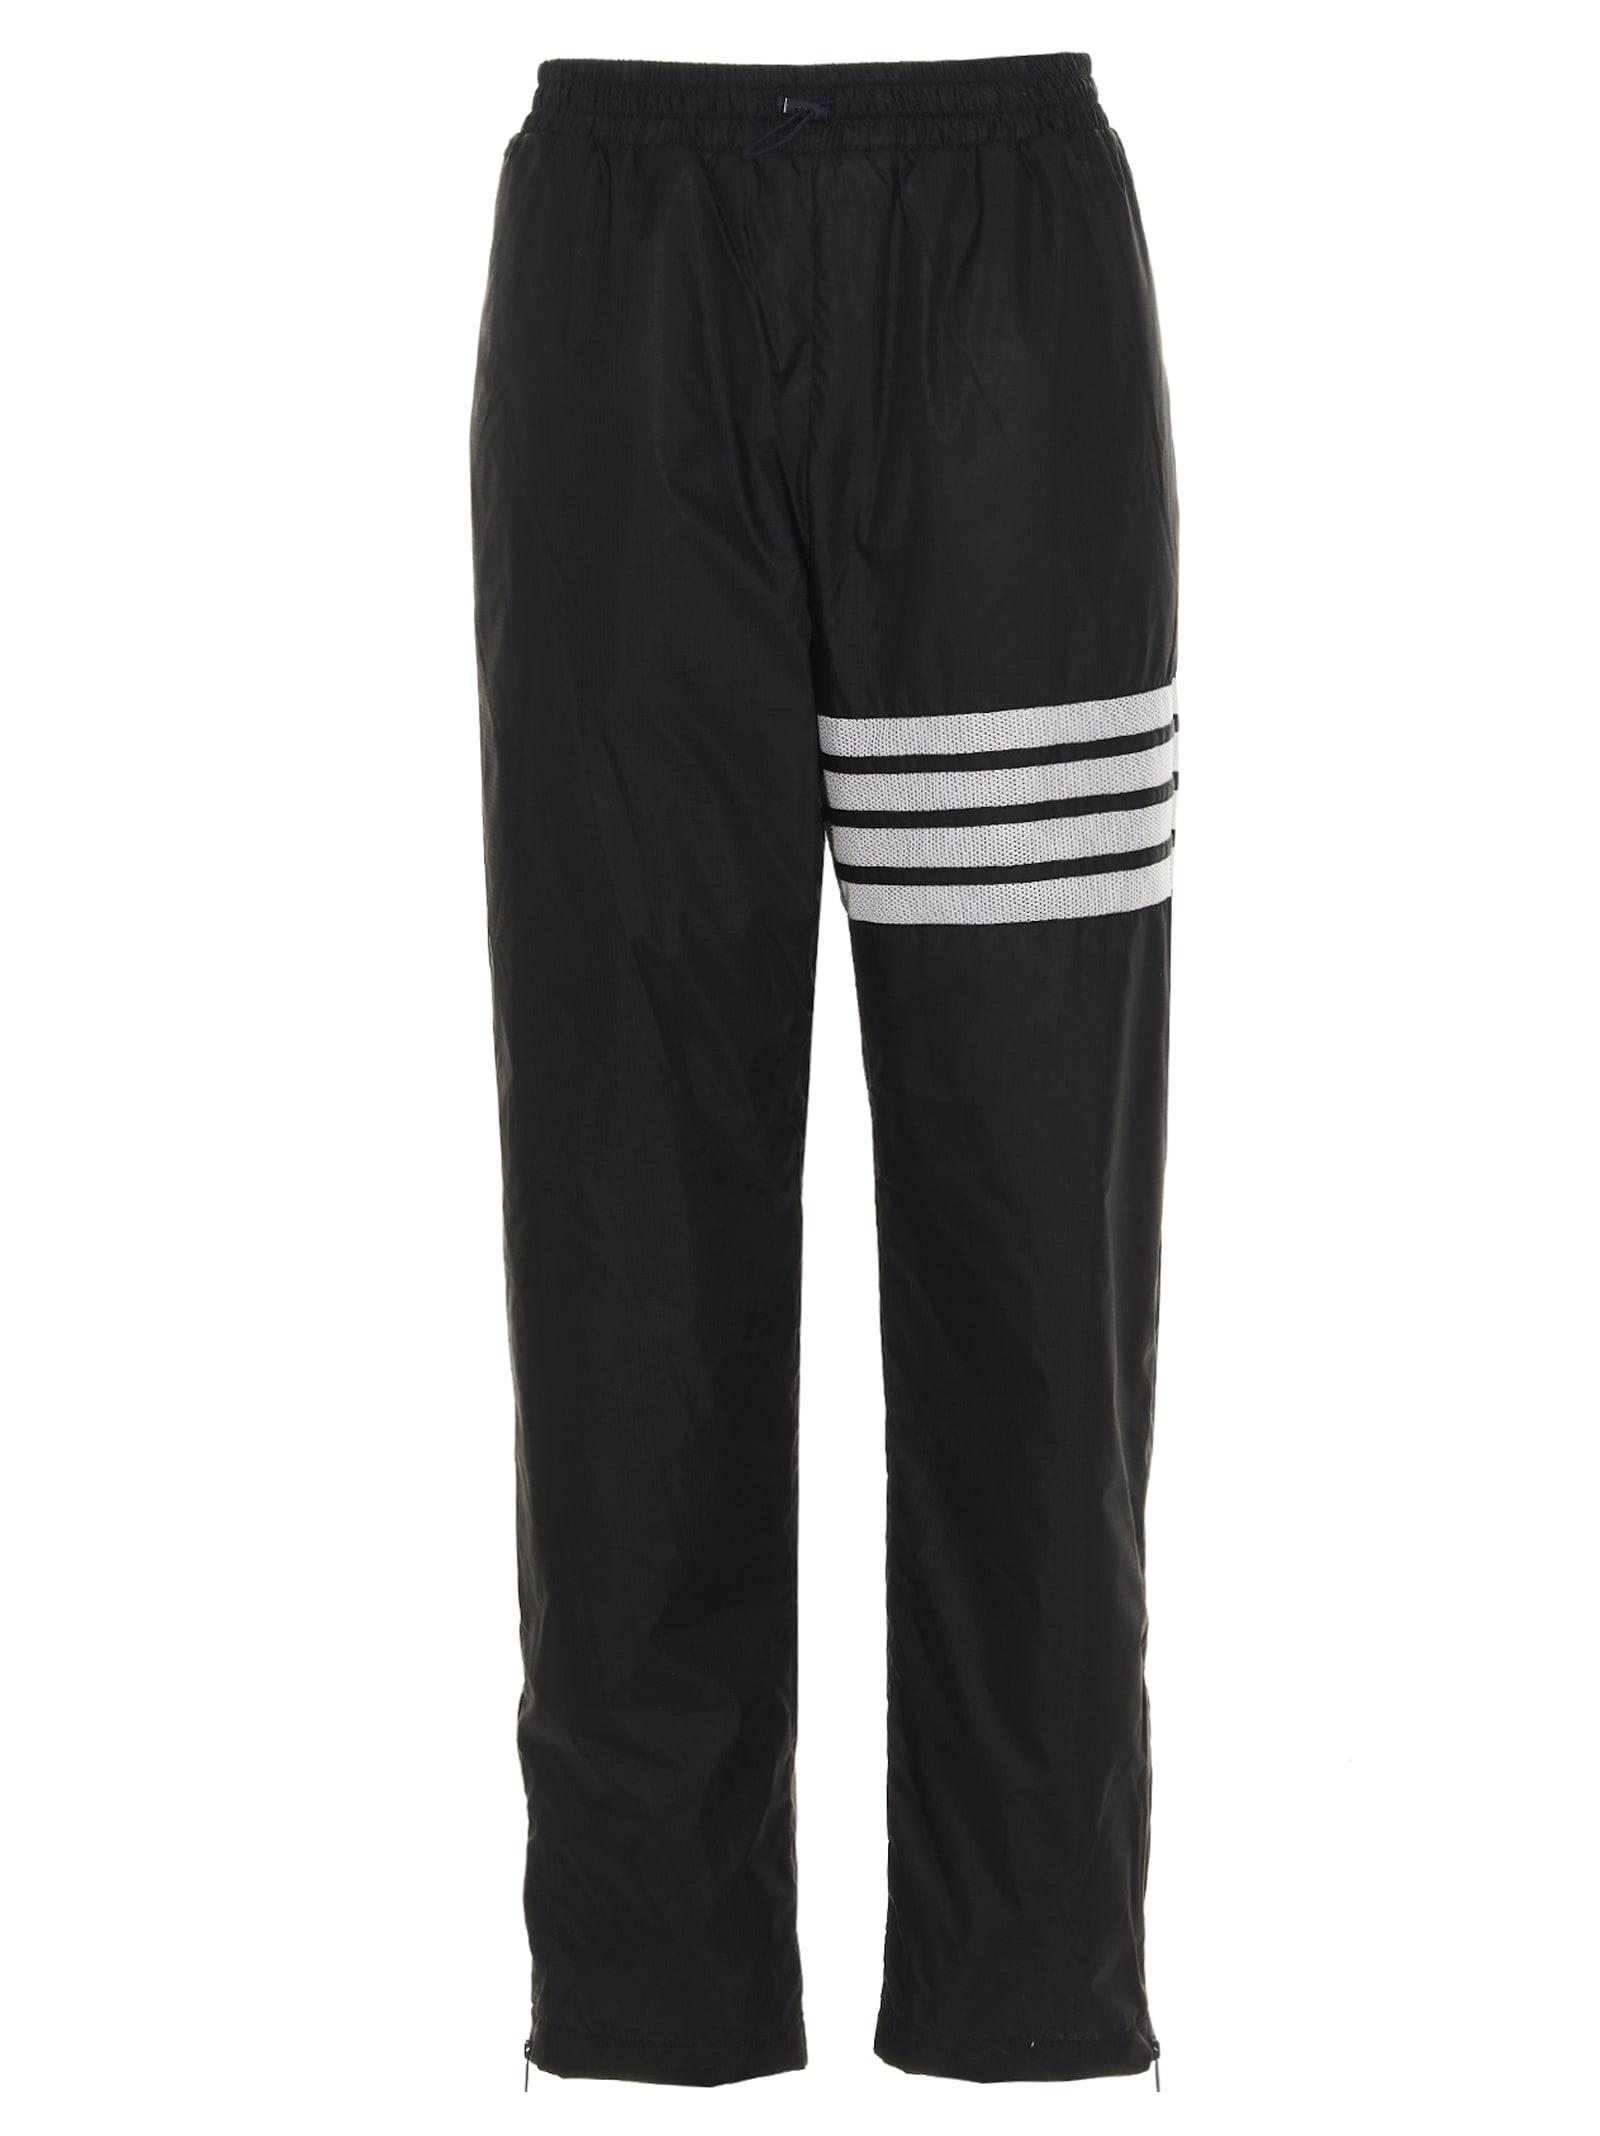 Thom Browne Pants 4 BAR PANTS